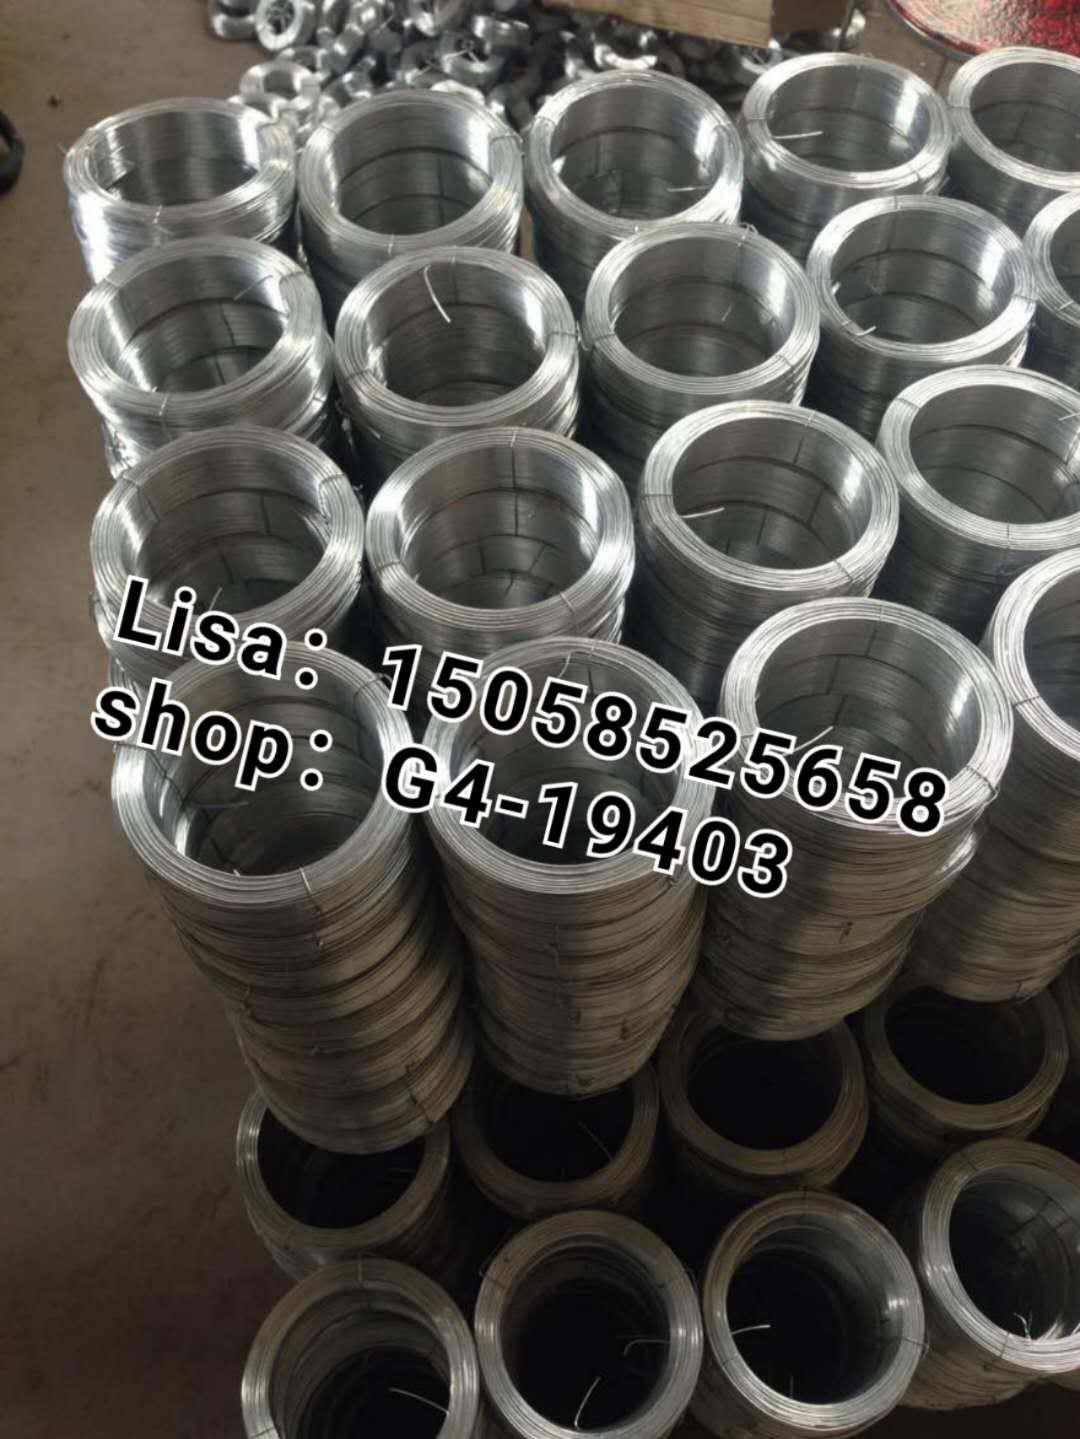 中国好货镀锌铁丝 粗铁丝 绑丝 镀锌丝 大盘丝 电镀丝 白铁丝